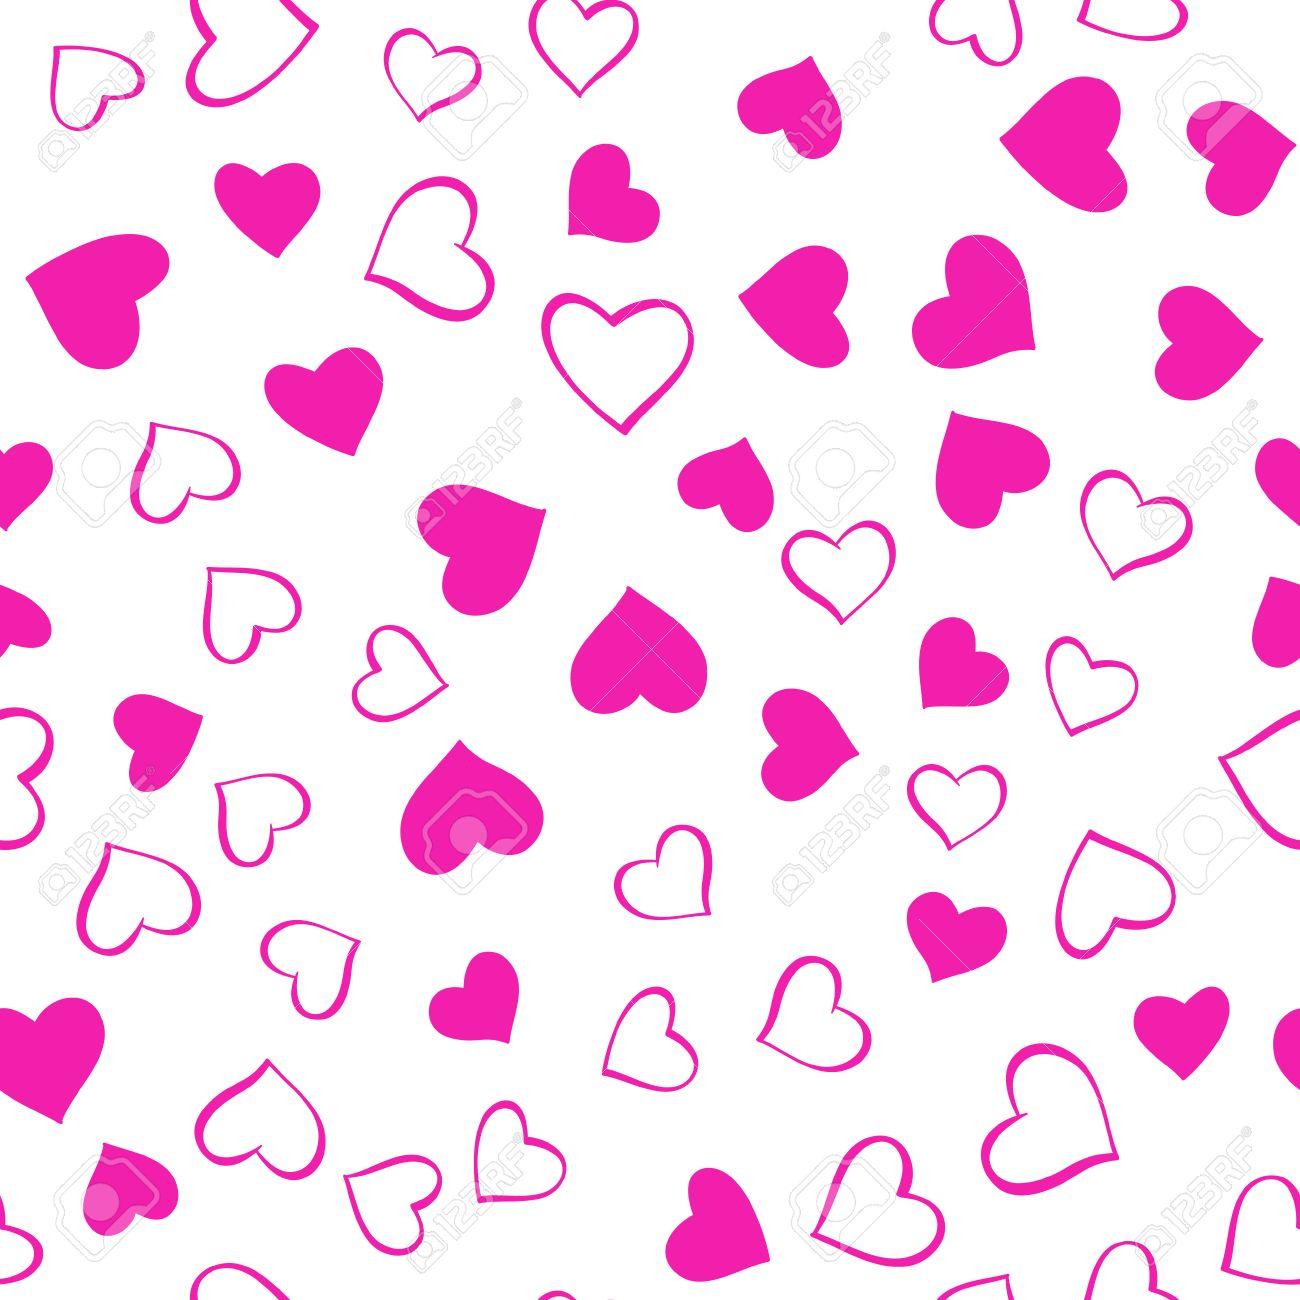 foto de archivo romntico rosa patrn transparente de vector con corazones rosas dibujados a mano sobre fondo blanco